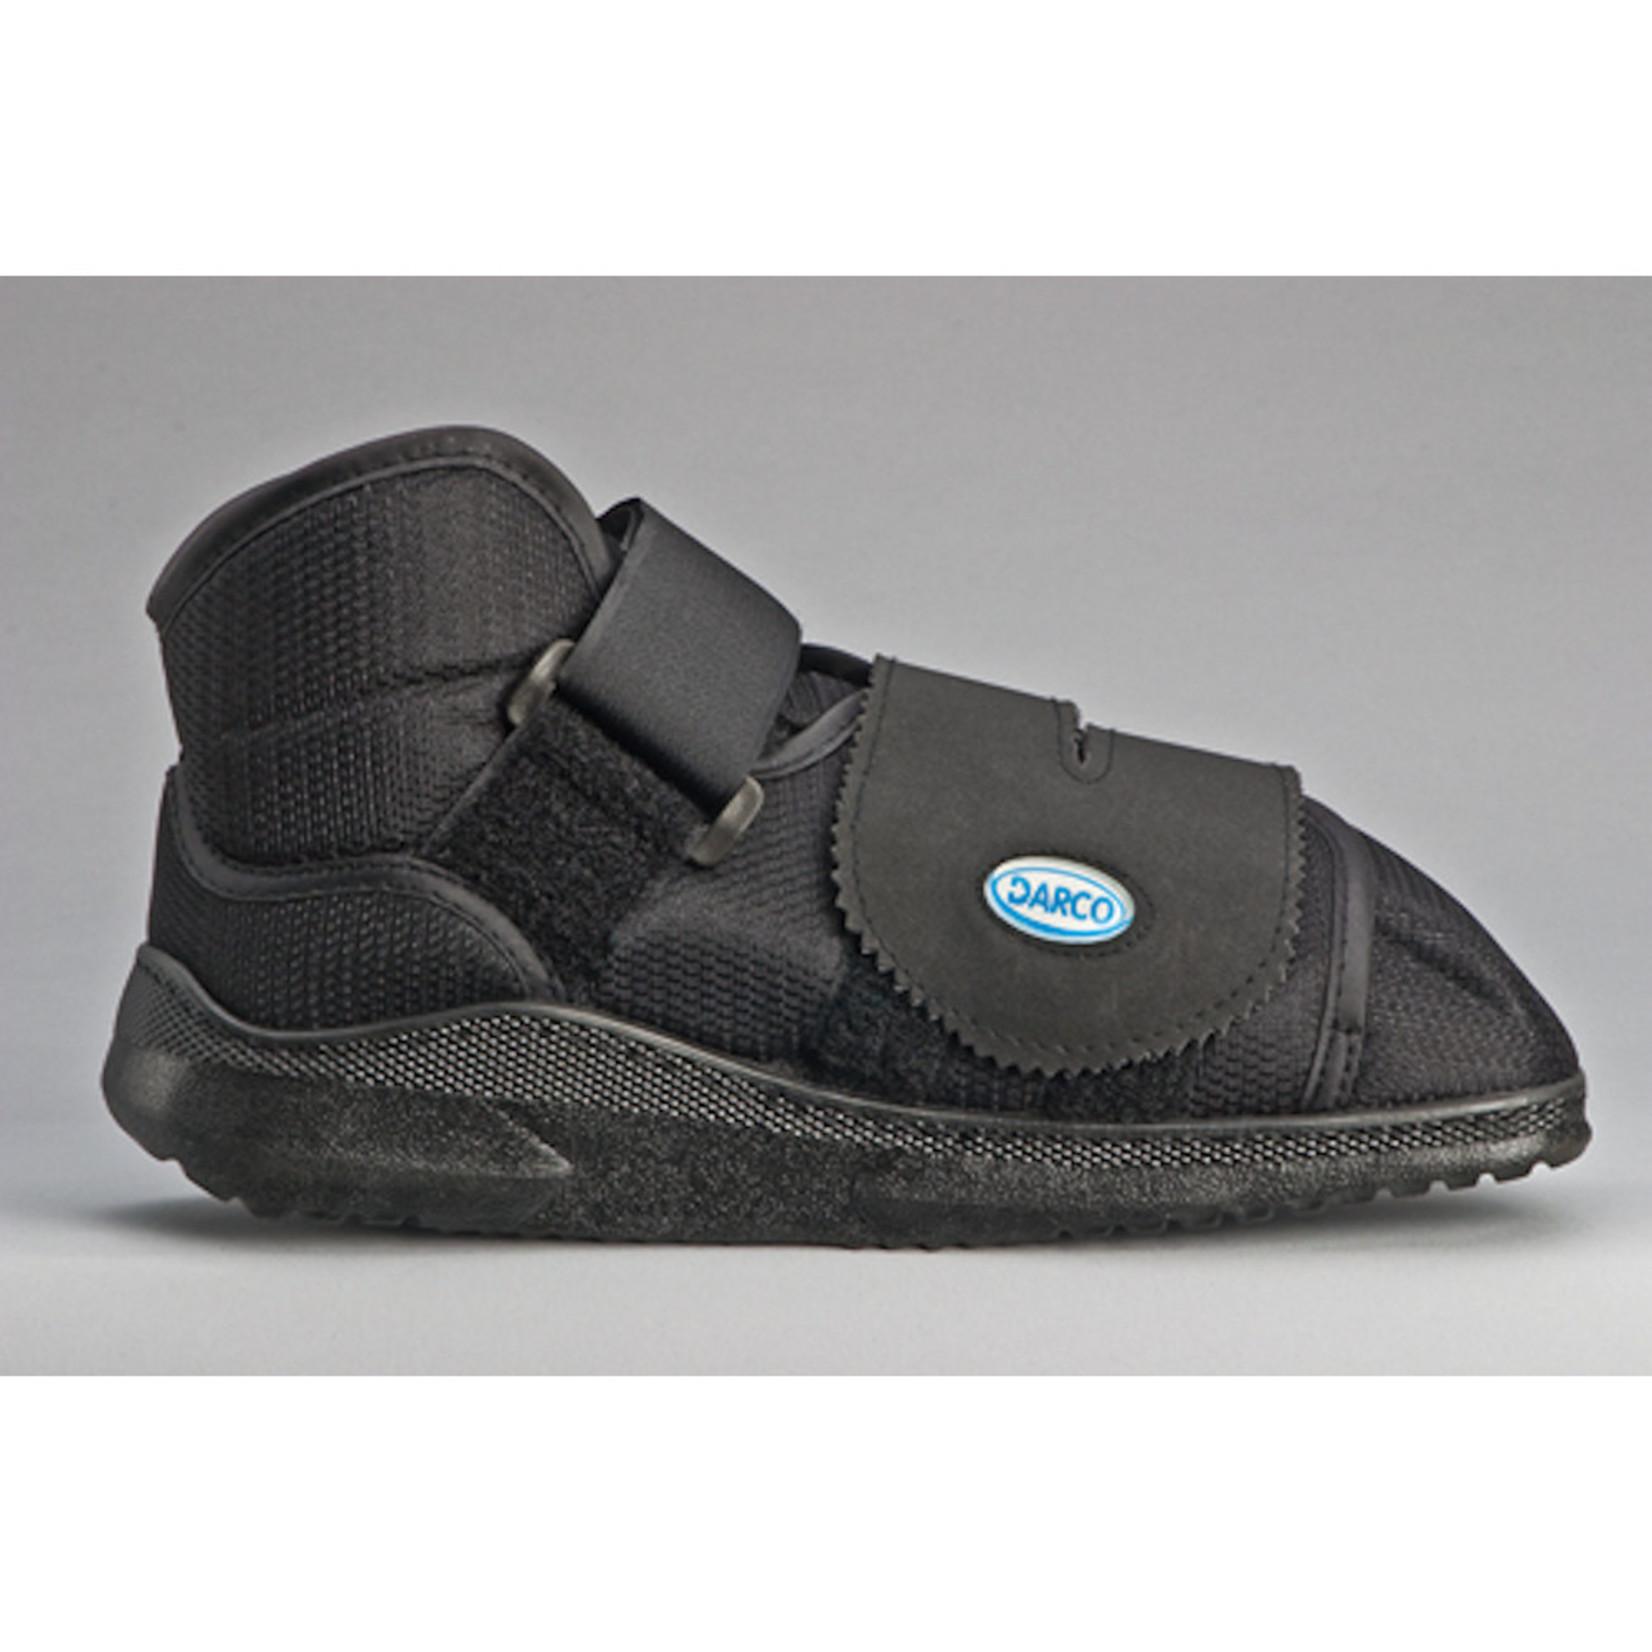 Darco All Purpose Shoe - Small